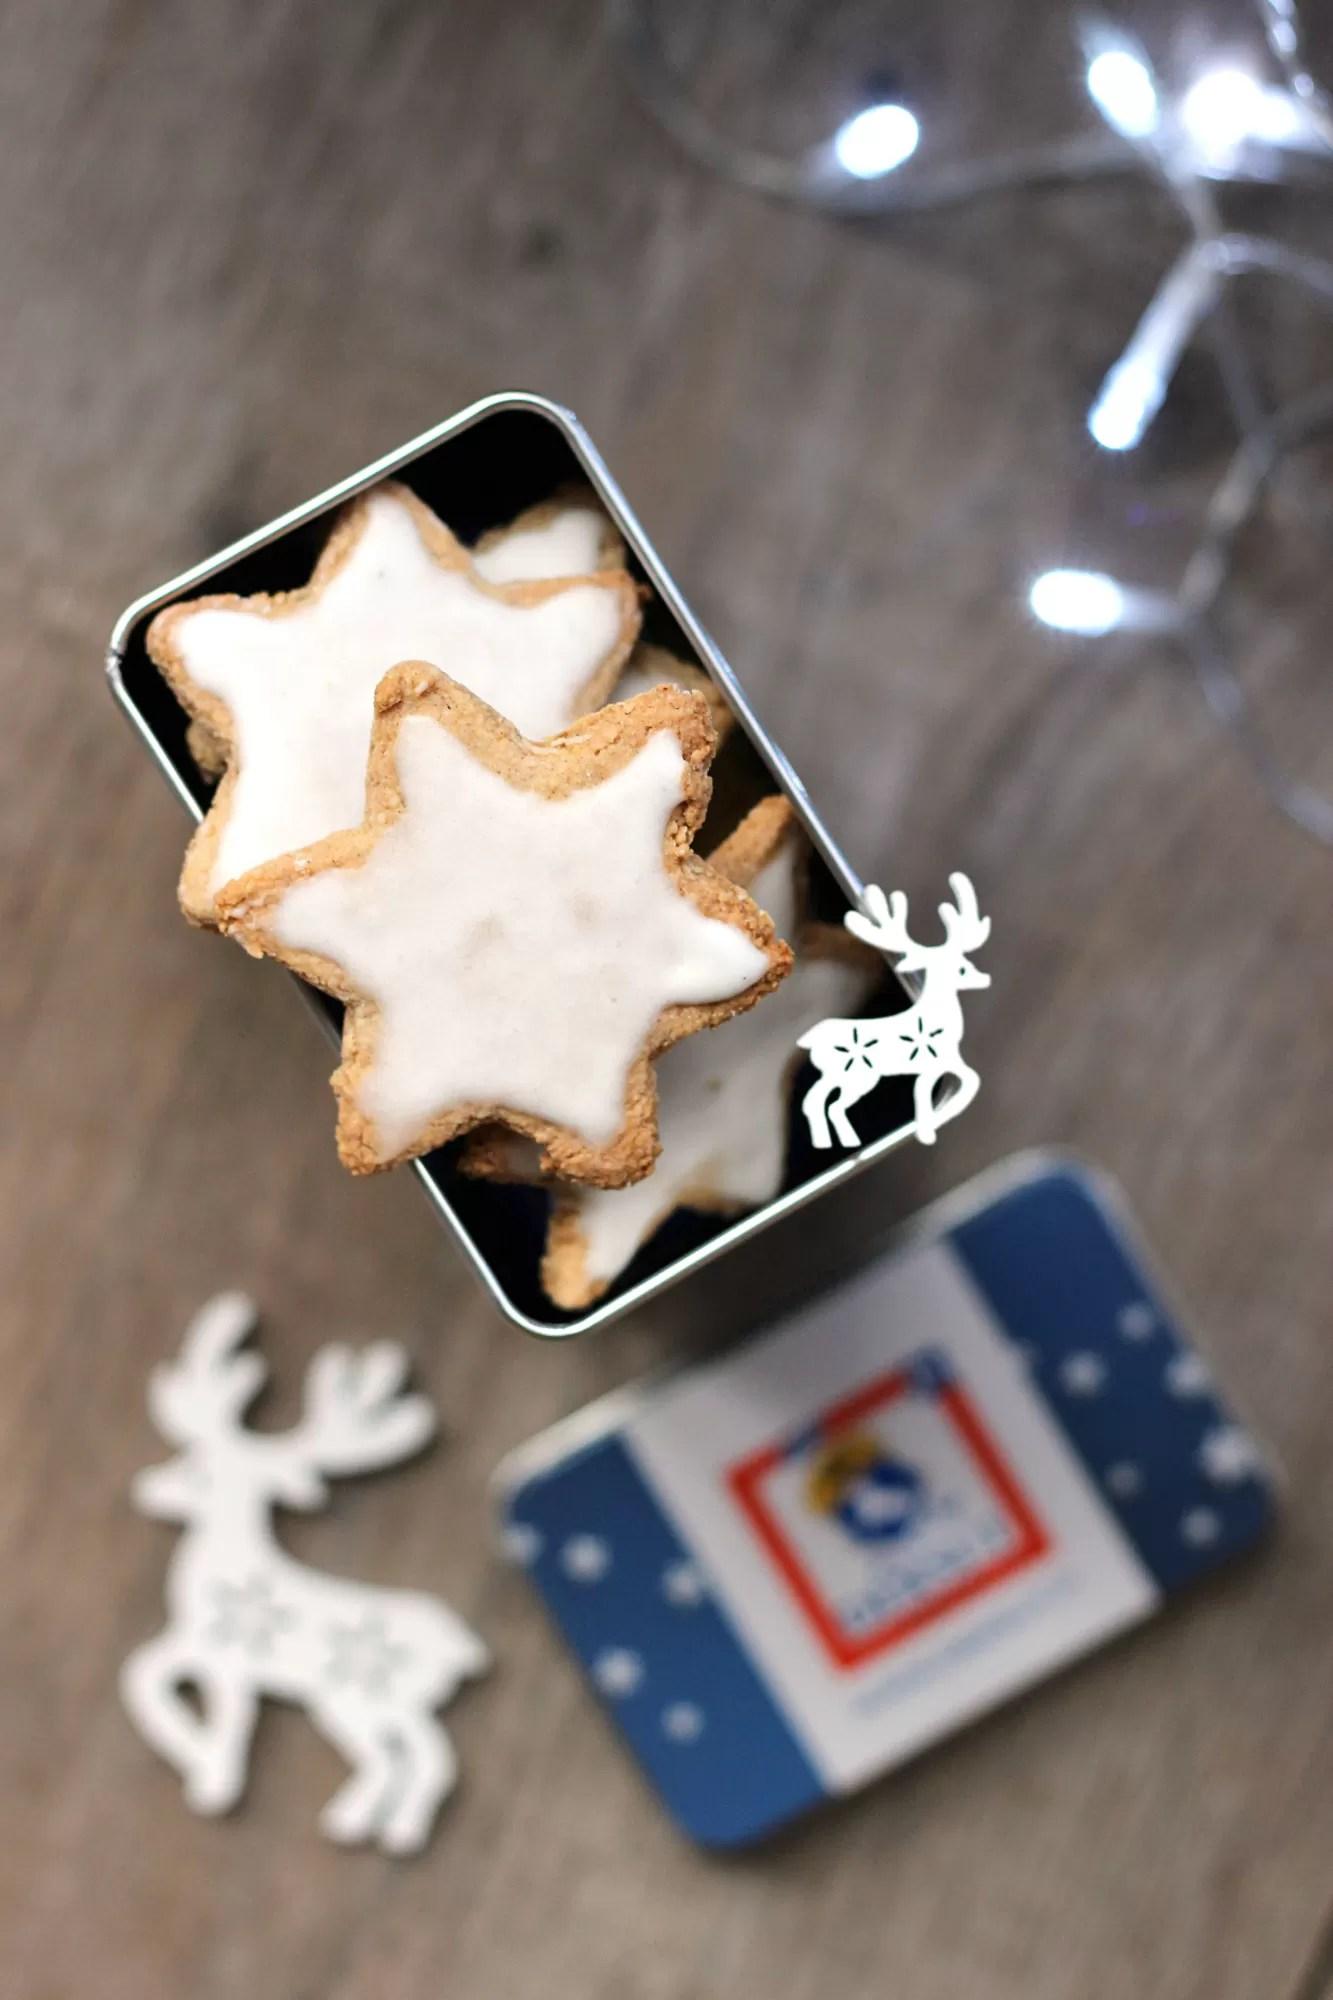 Ricetta dei biscotti di Natale zimtsterne